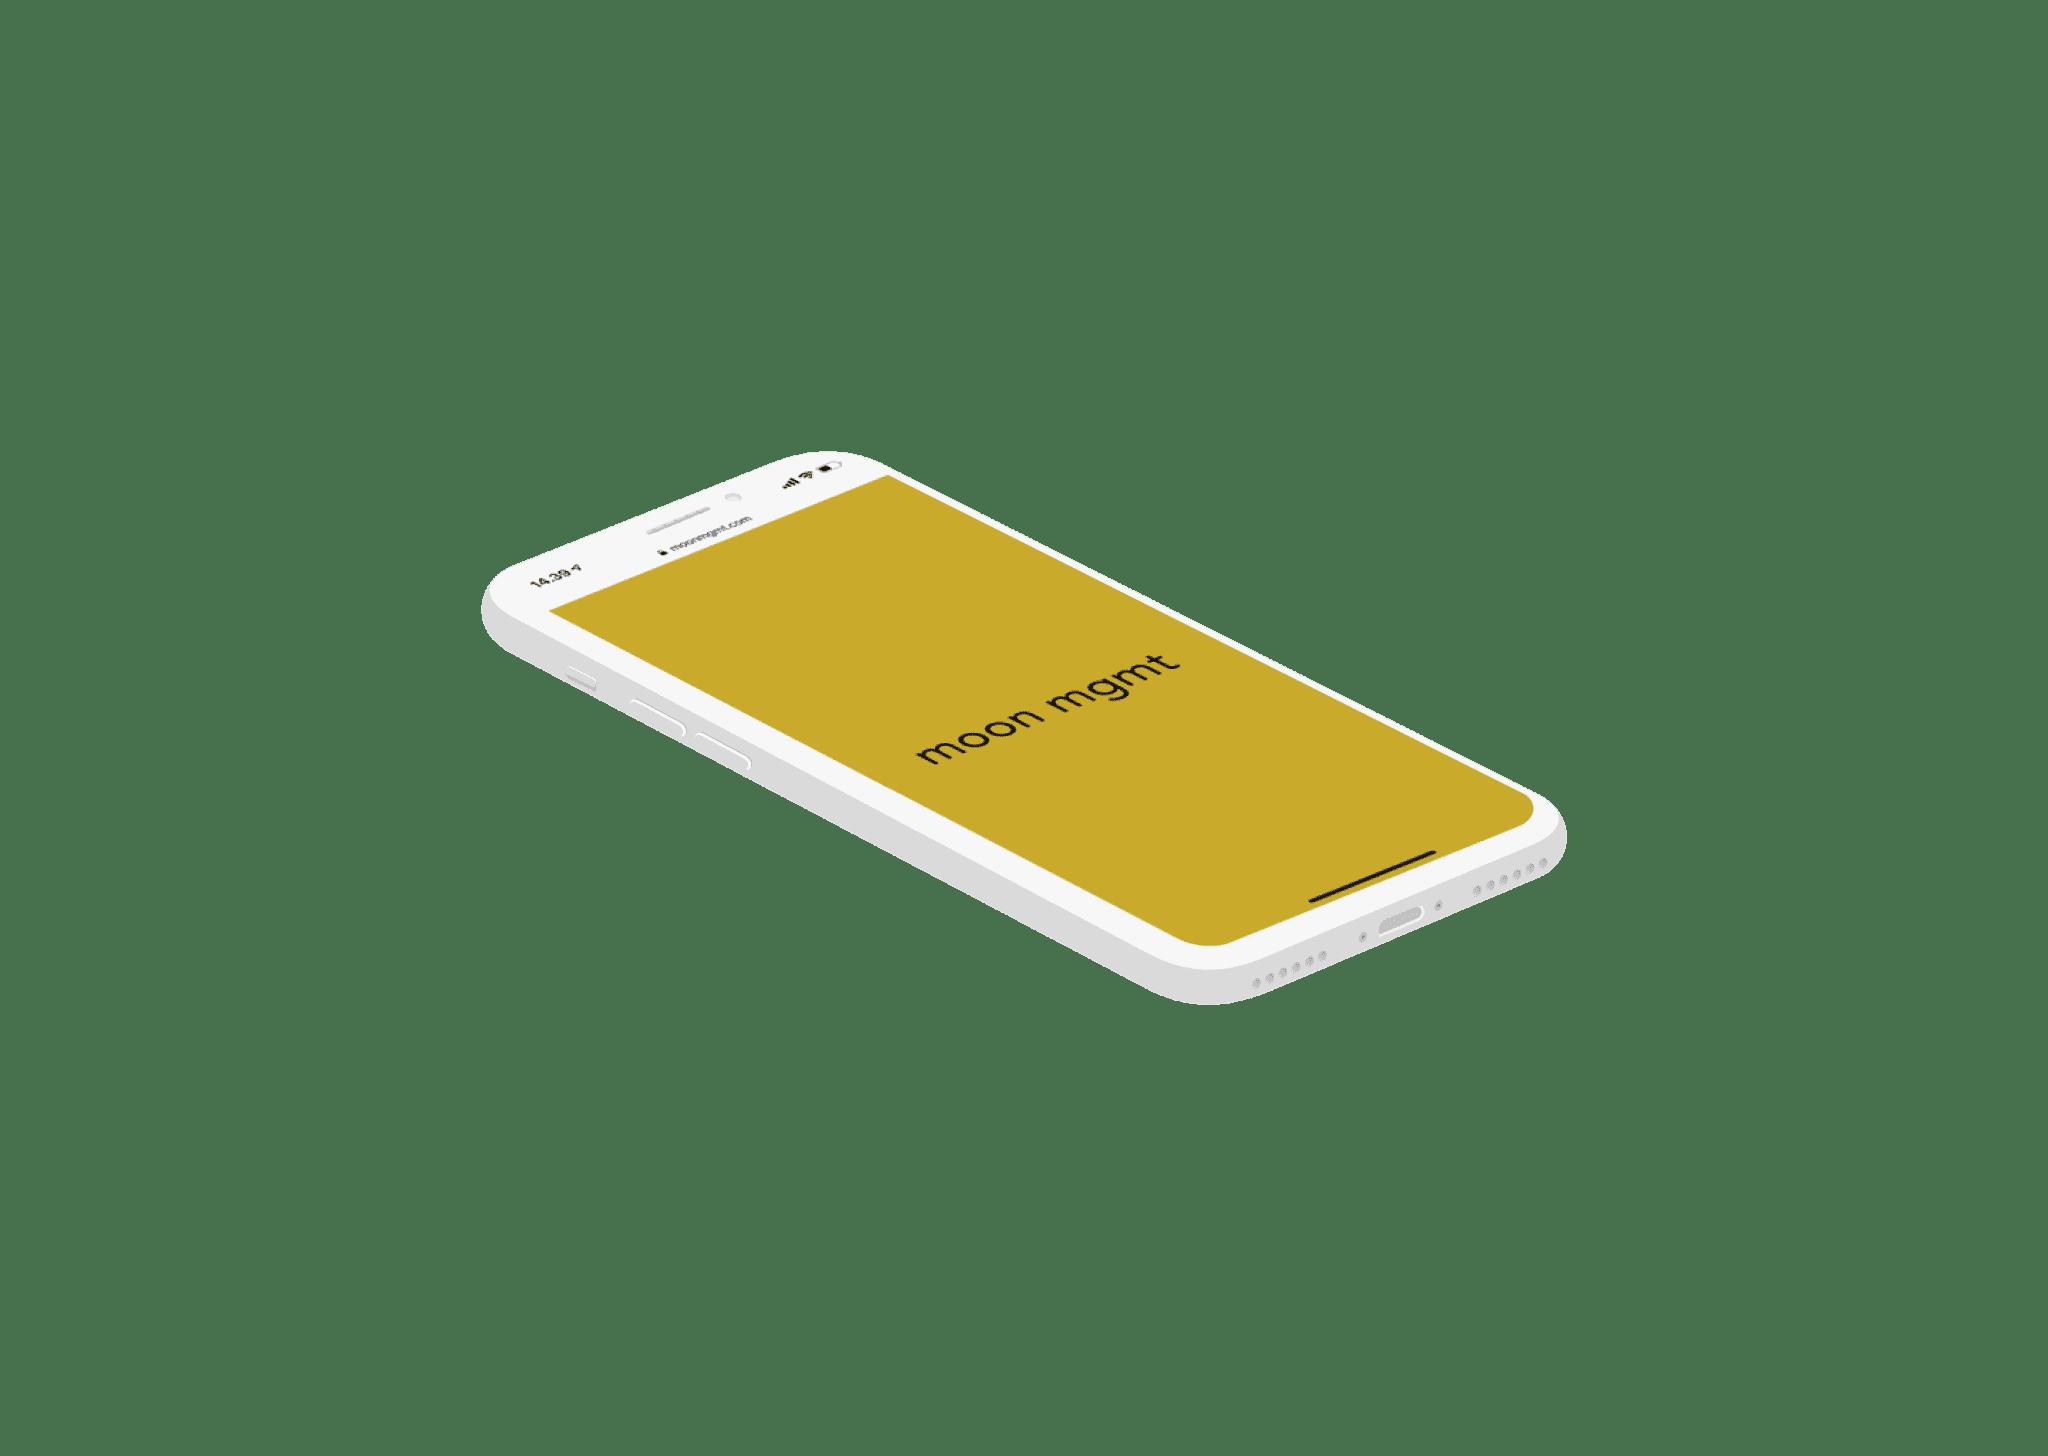 MoonMGMT_1- Iphone X@2x